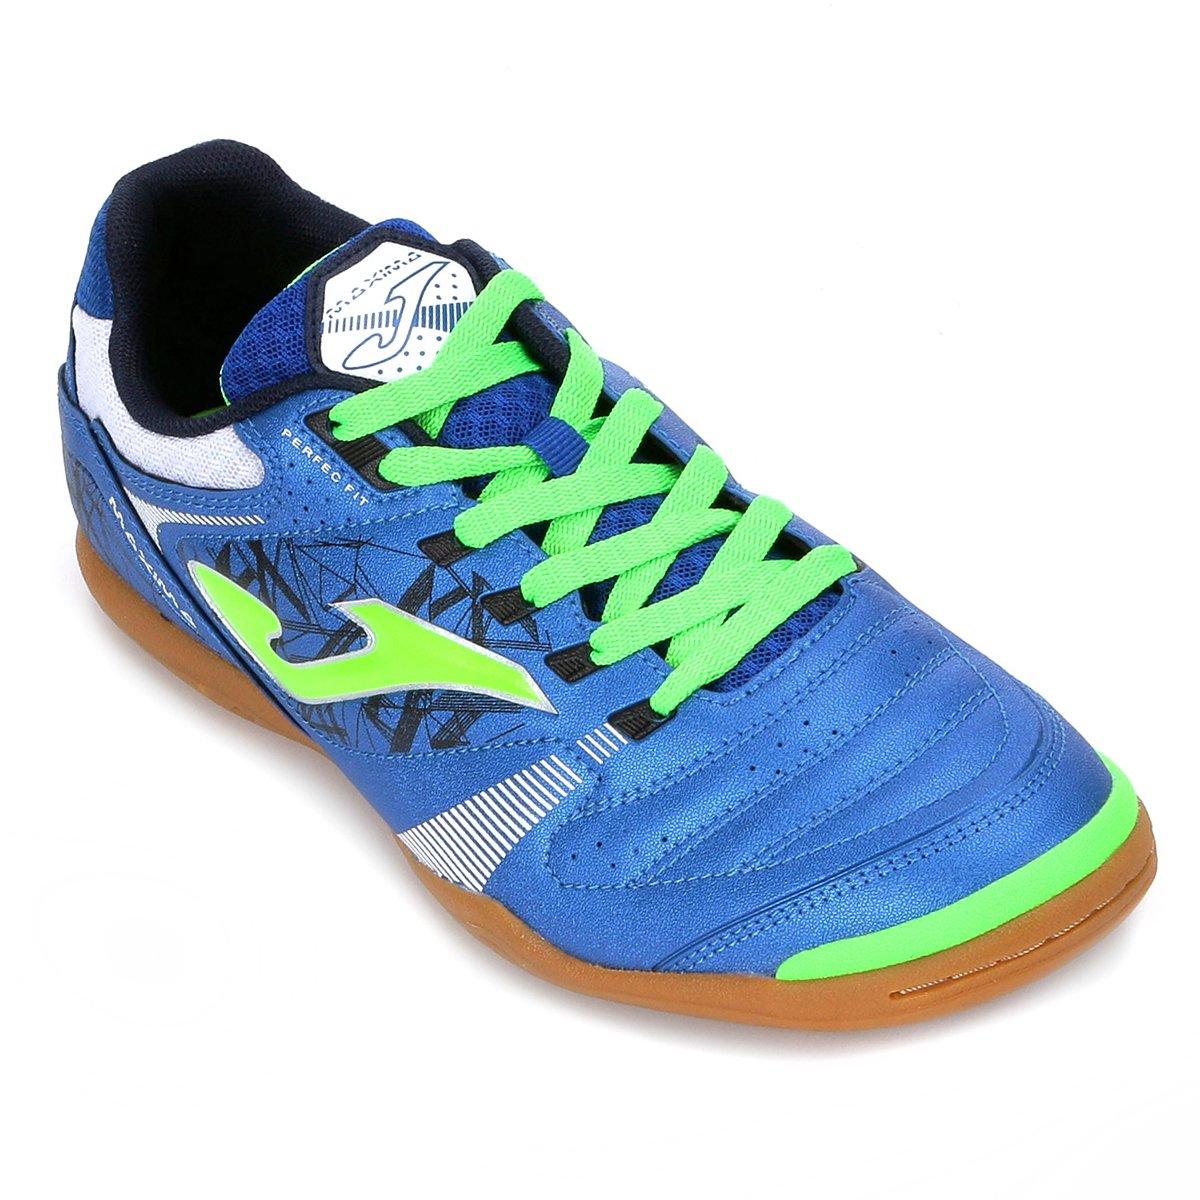 IN Maxima Masculina Azul Chuteira Joma Futsal Chuteira Futsal q8vzPvwUX1